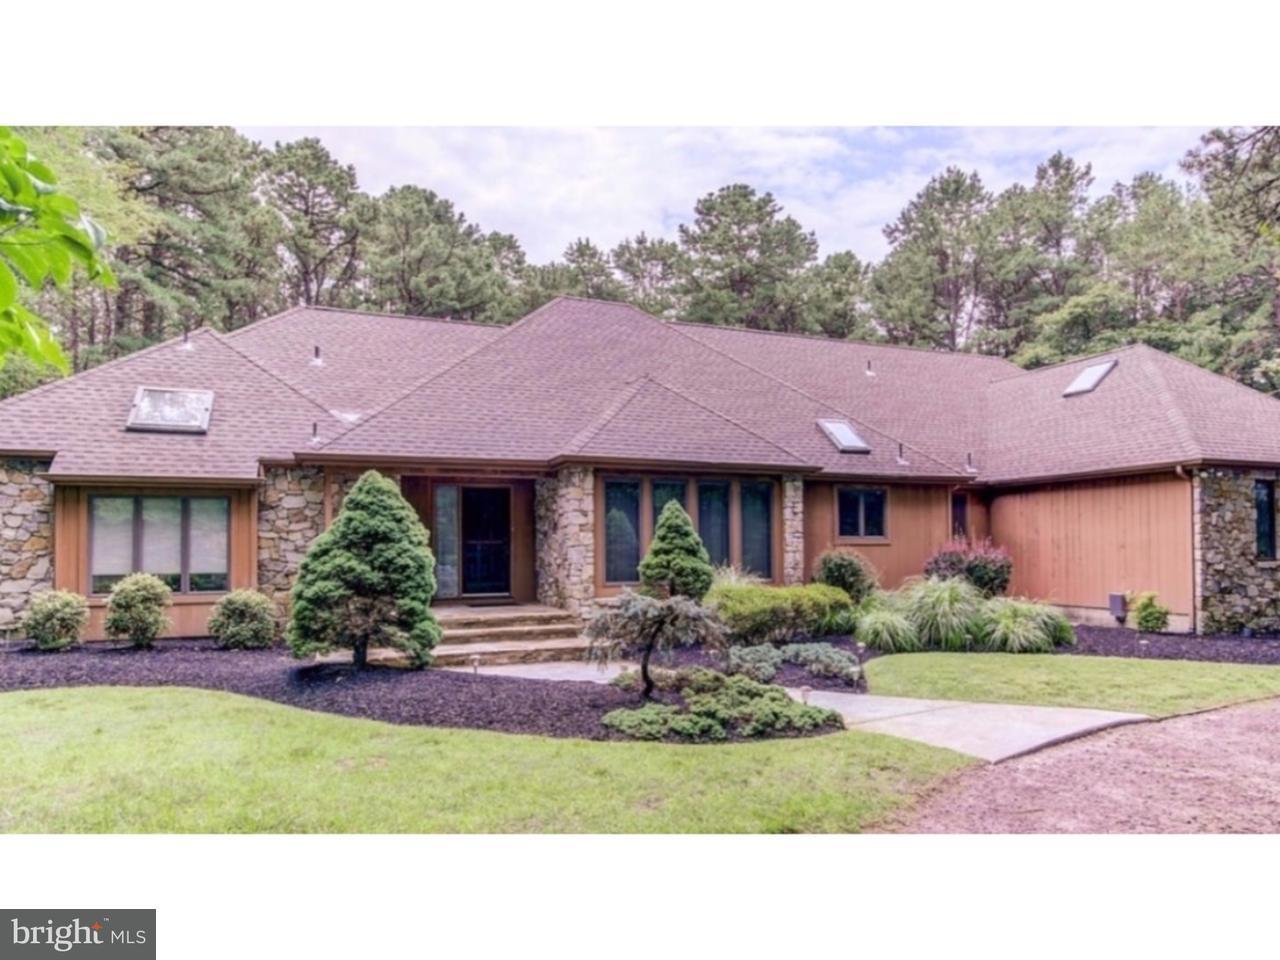 Casa Unifamiliar por un Venta en 25 LARSEN PARK Drive Medford, Nueva Jersey 08055 Estados Unidos